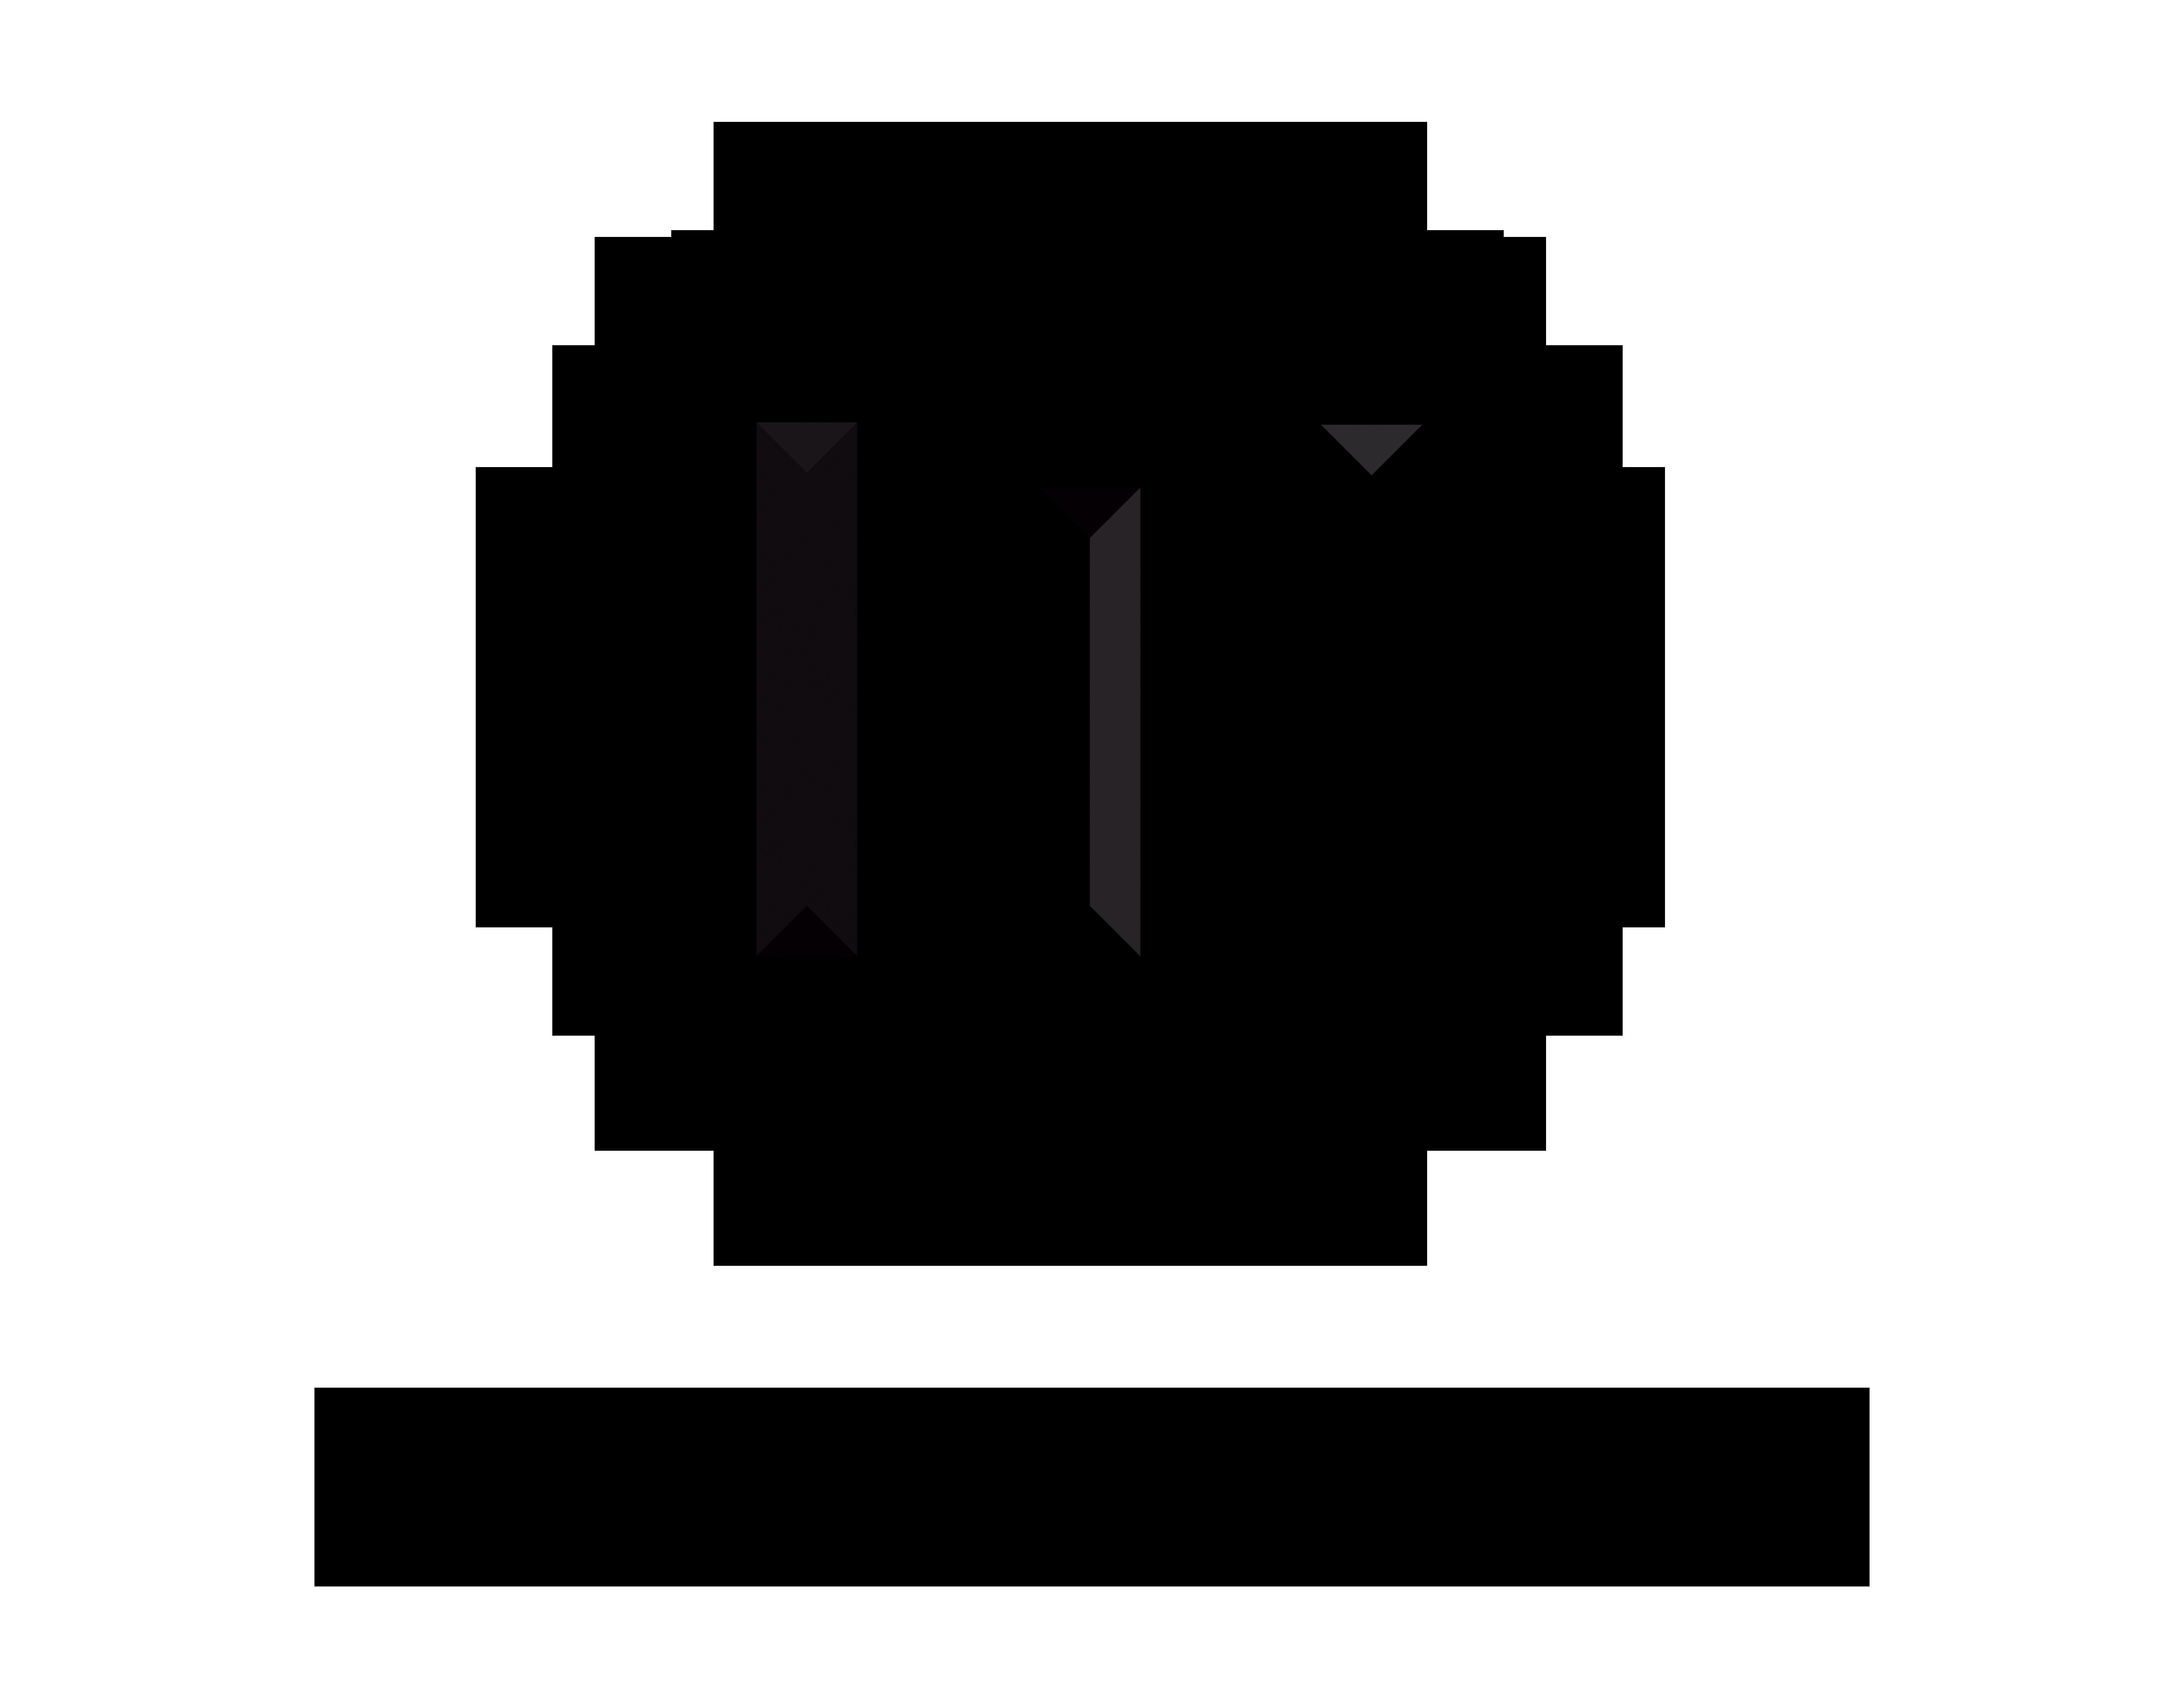 Jual Miles And Co Collins Sepatu Sneakers Pria Black Terbaru Branded Maroon Ampamp